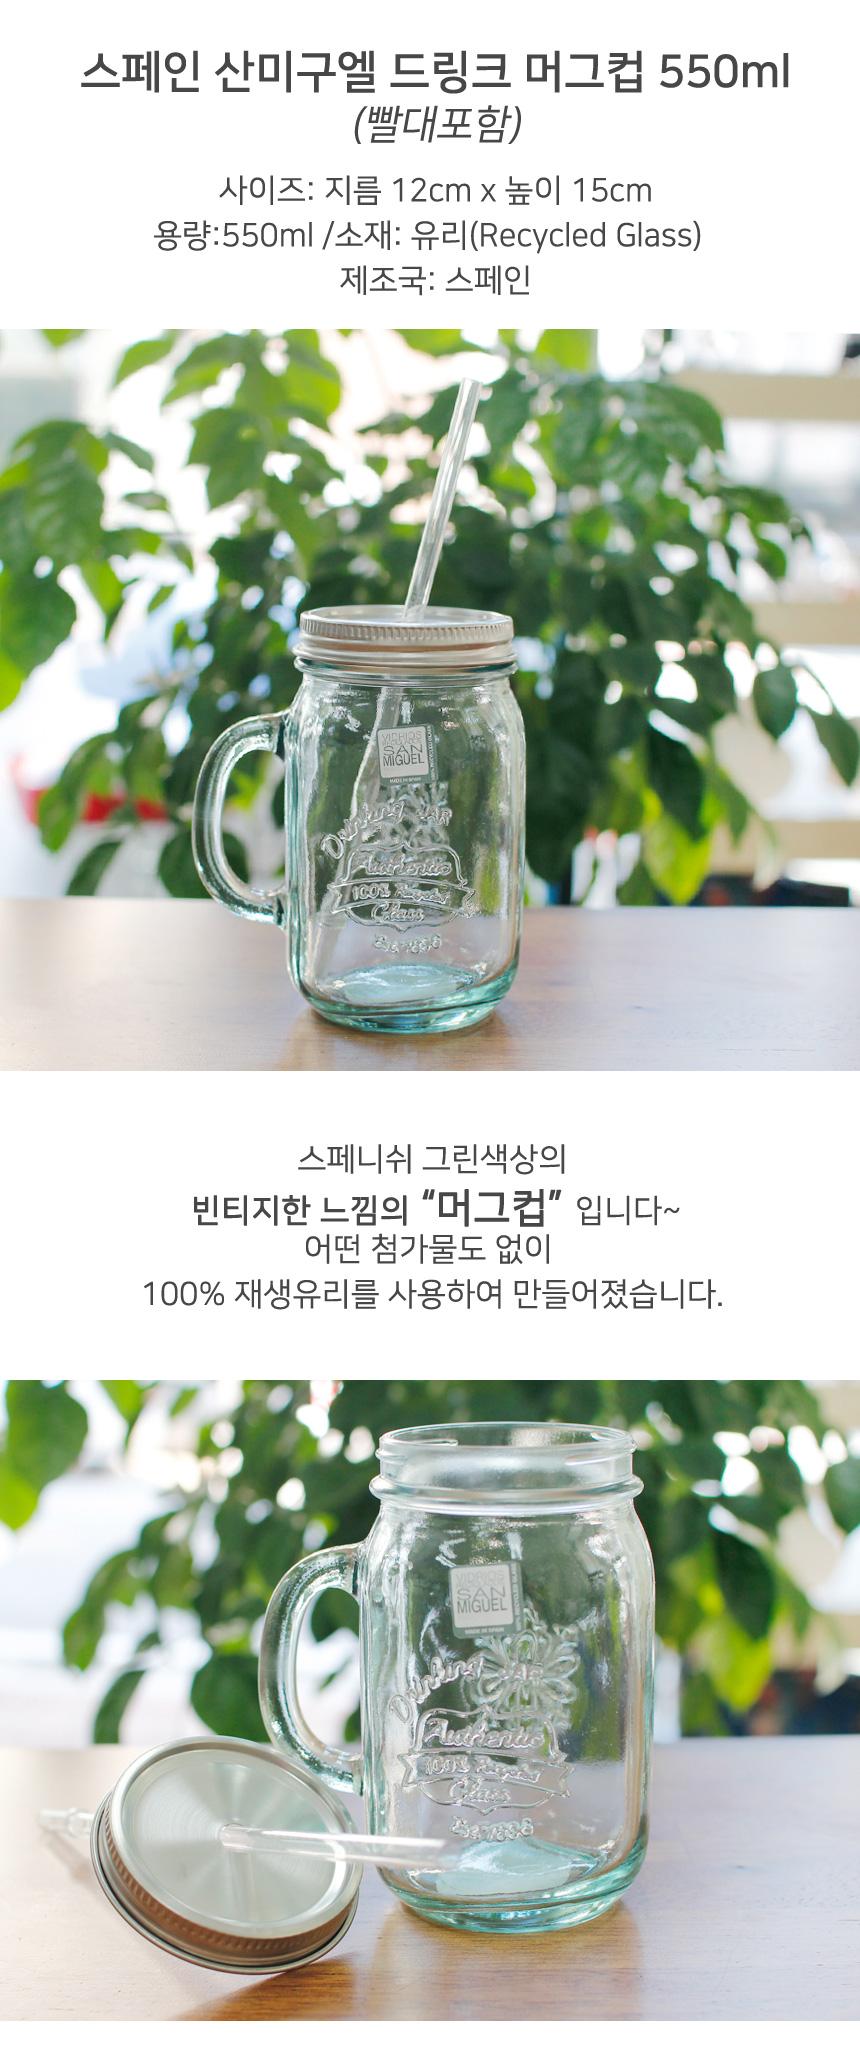 스페인 산미구엘 드링크 머그컵 550ml - 김씨하우스, 15,500원, 유리컵/술잔, 유리컵